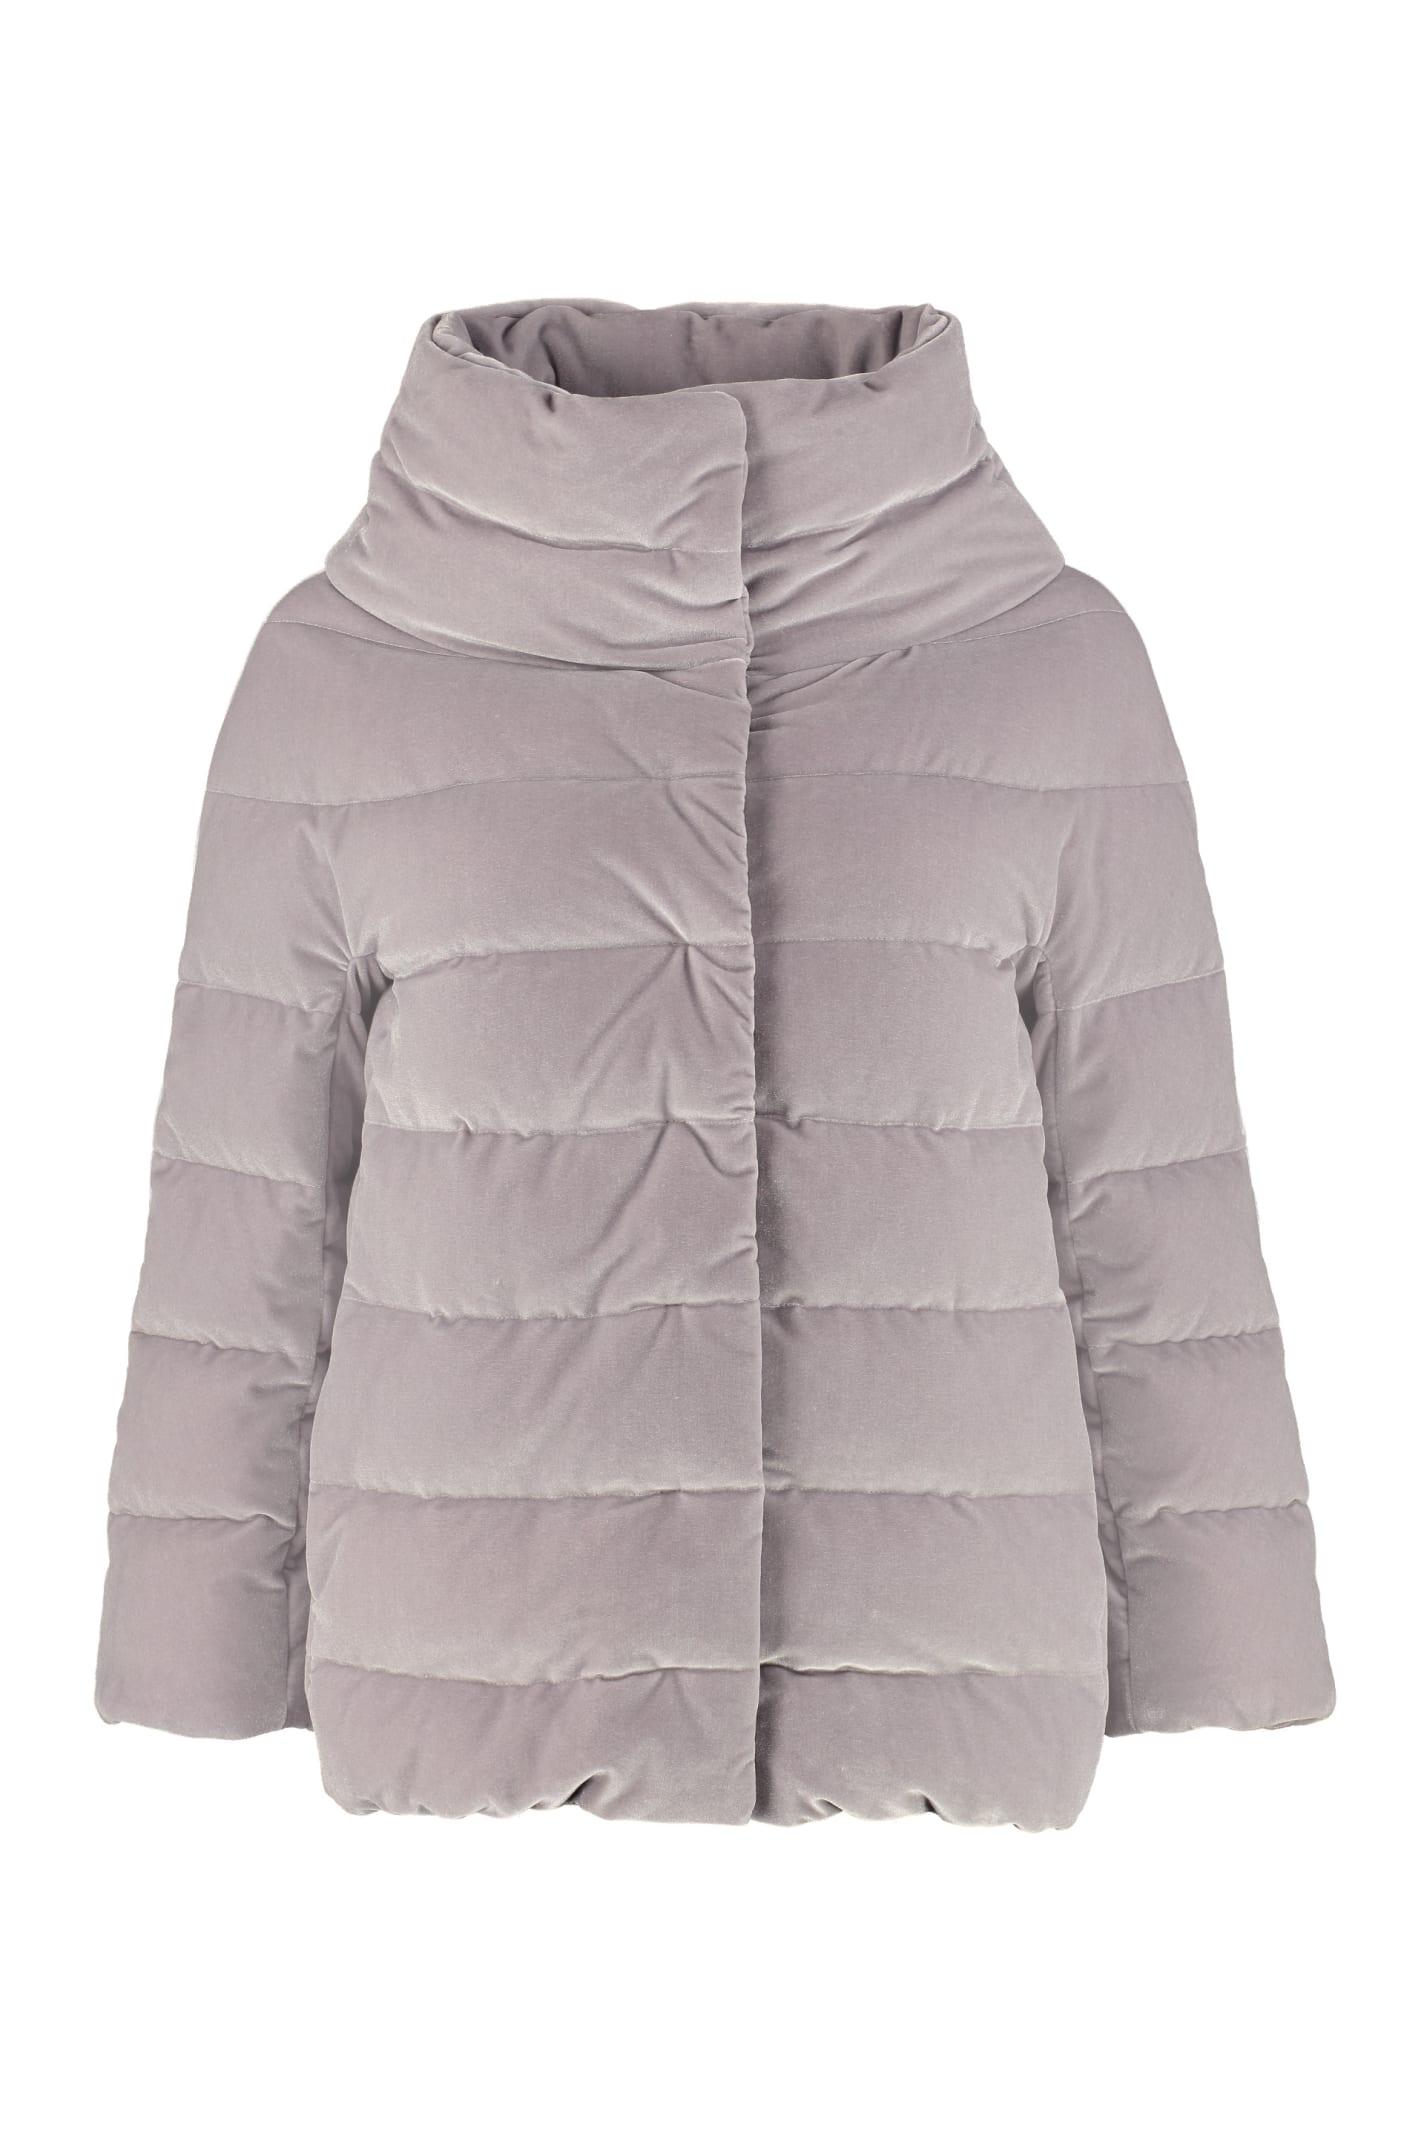 Herno Velvet Down Jacket